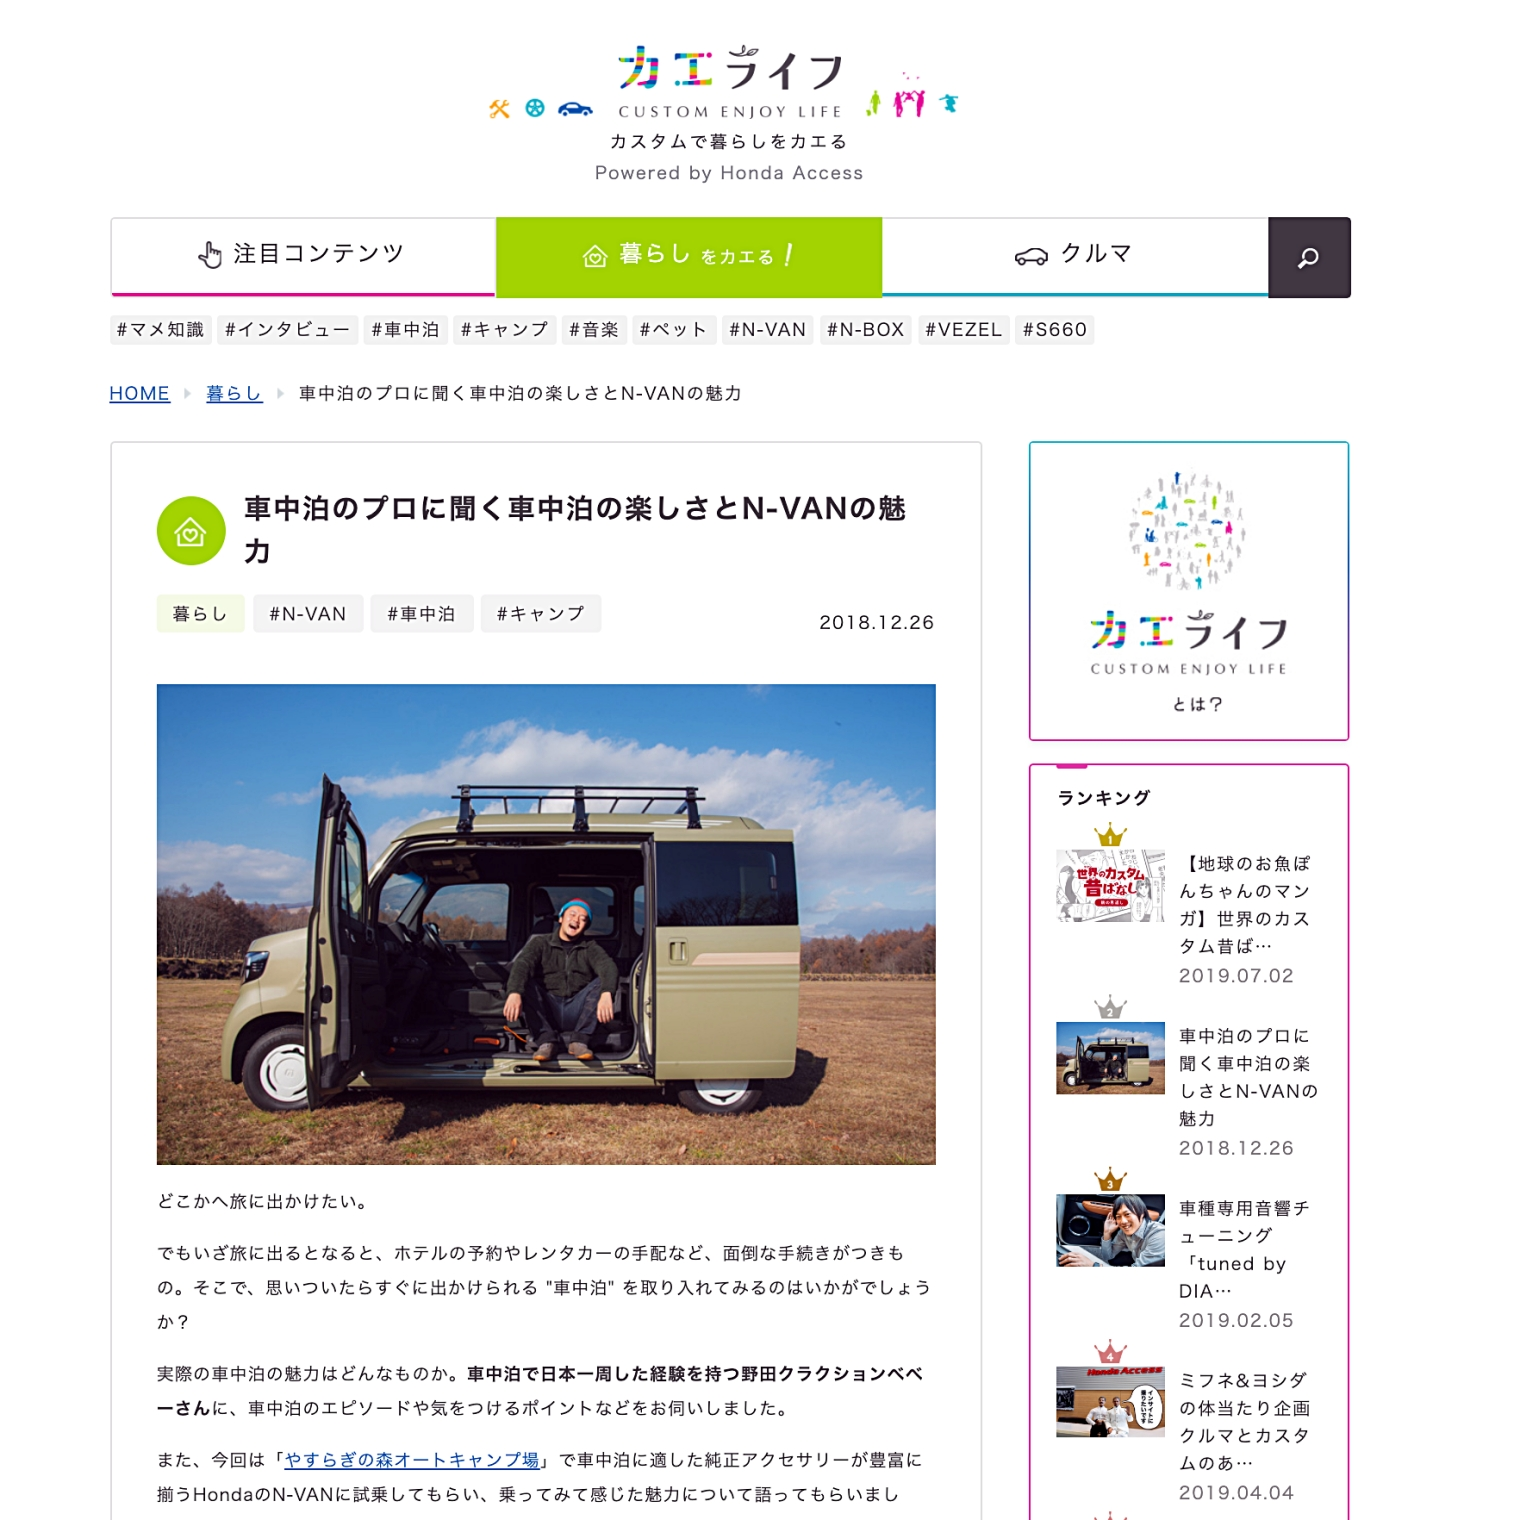 ホンダアクセスのオウンドメディア「カエライフ」にて、野田クラクションベベーの車中泊の記事のキャプチャ。